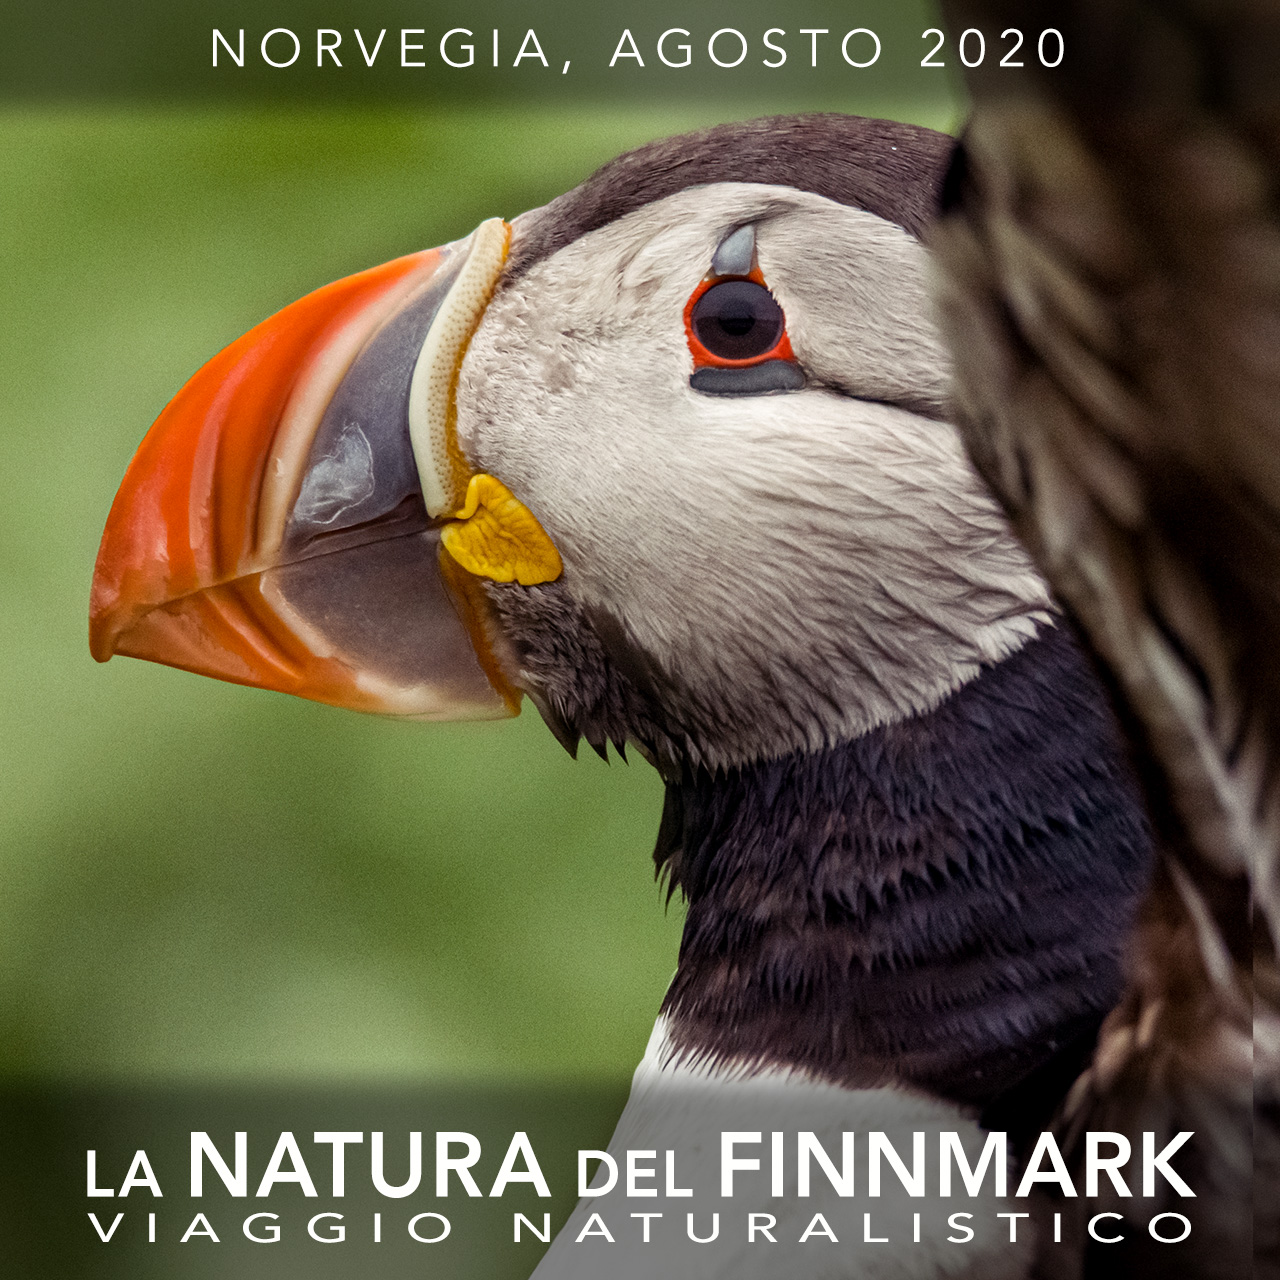 Viaggi di Gruppo  2020_08_01_Finnmark_Cover05A 27 LUGLIO - 4 AGOSTO 2020, LA NATURA DEL FINNMARK